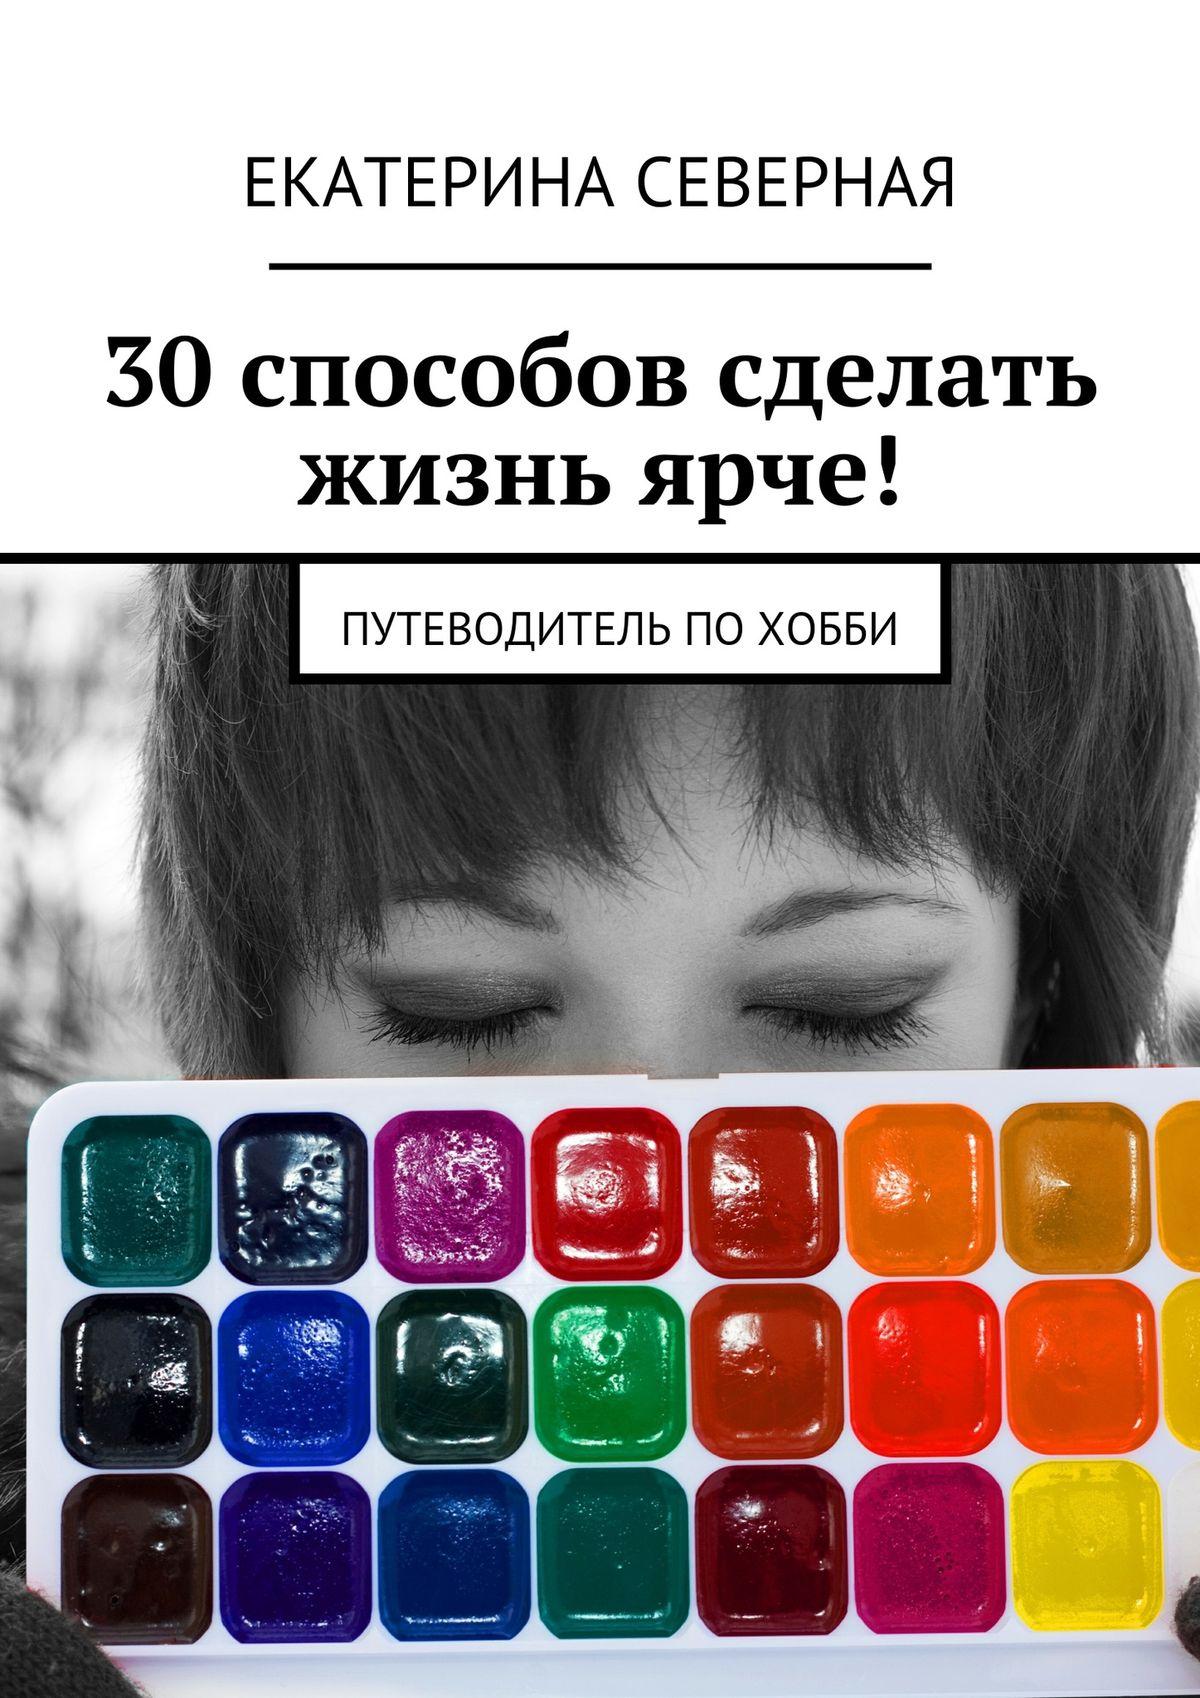 30 способов сделать жизнь ярче! Путеводитель похобби